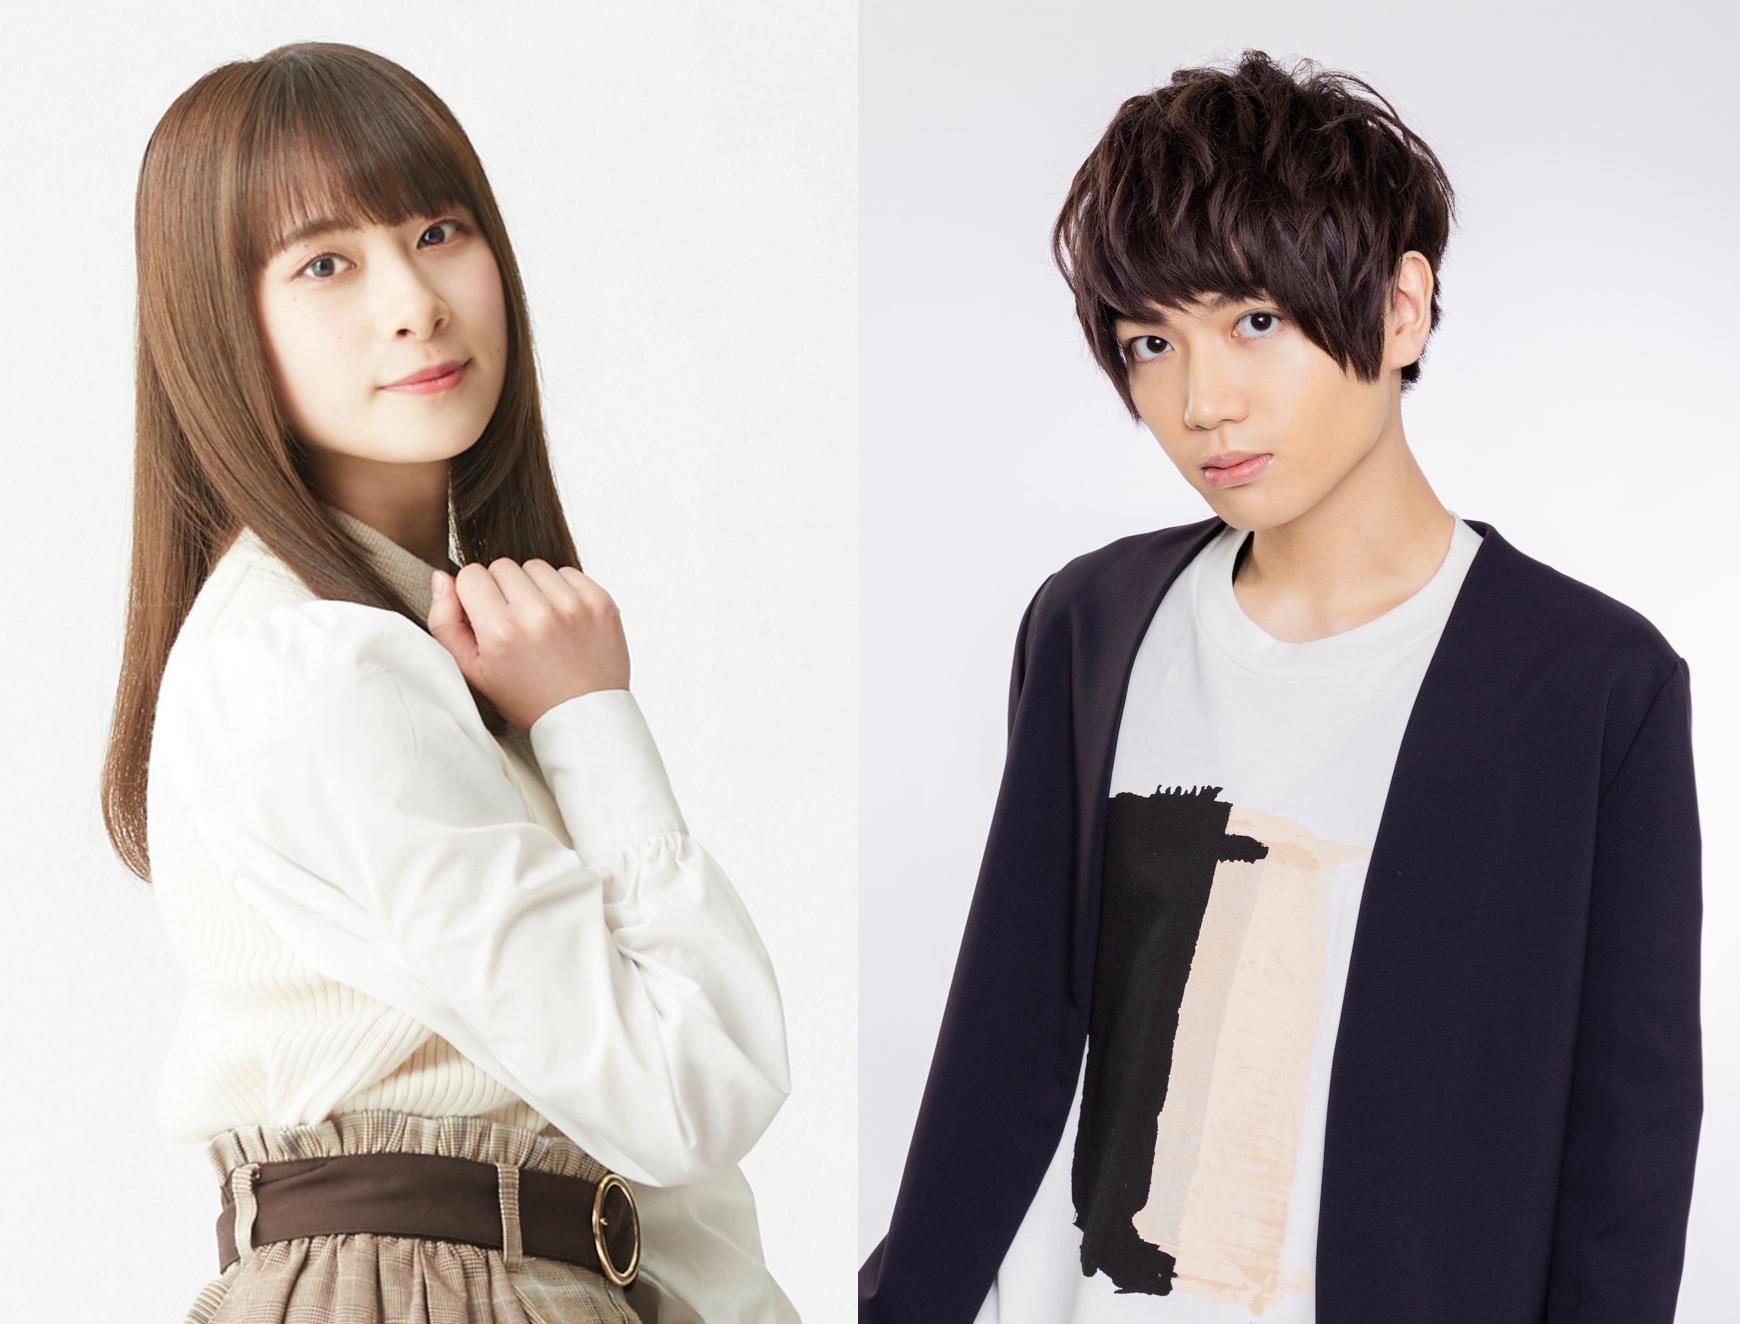 「プラチナエンド」新キャストに前田佳織里さん&千葉翔也さん!コメントも到着